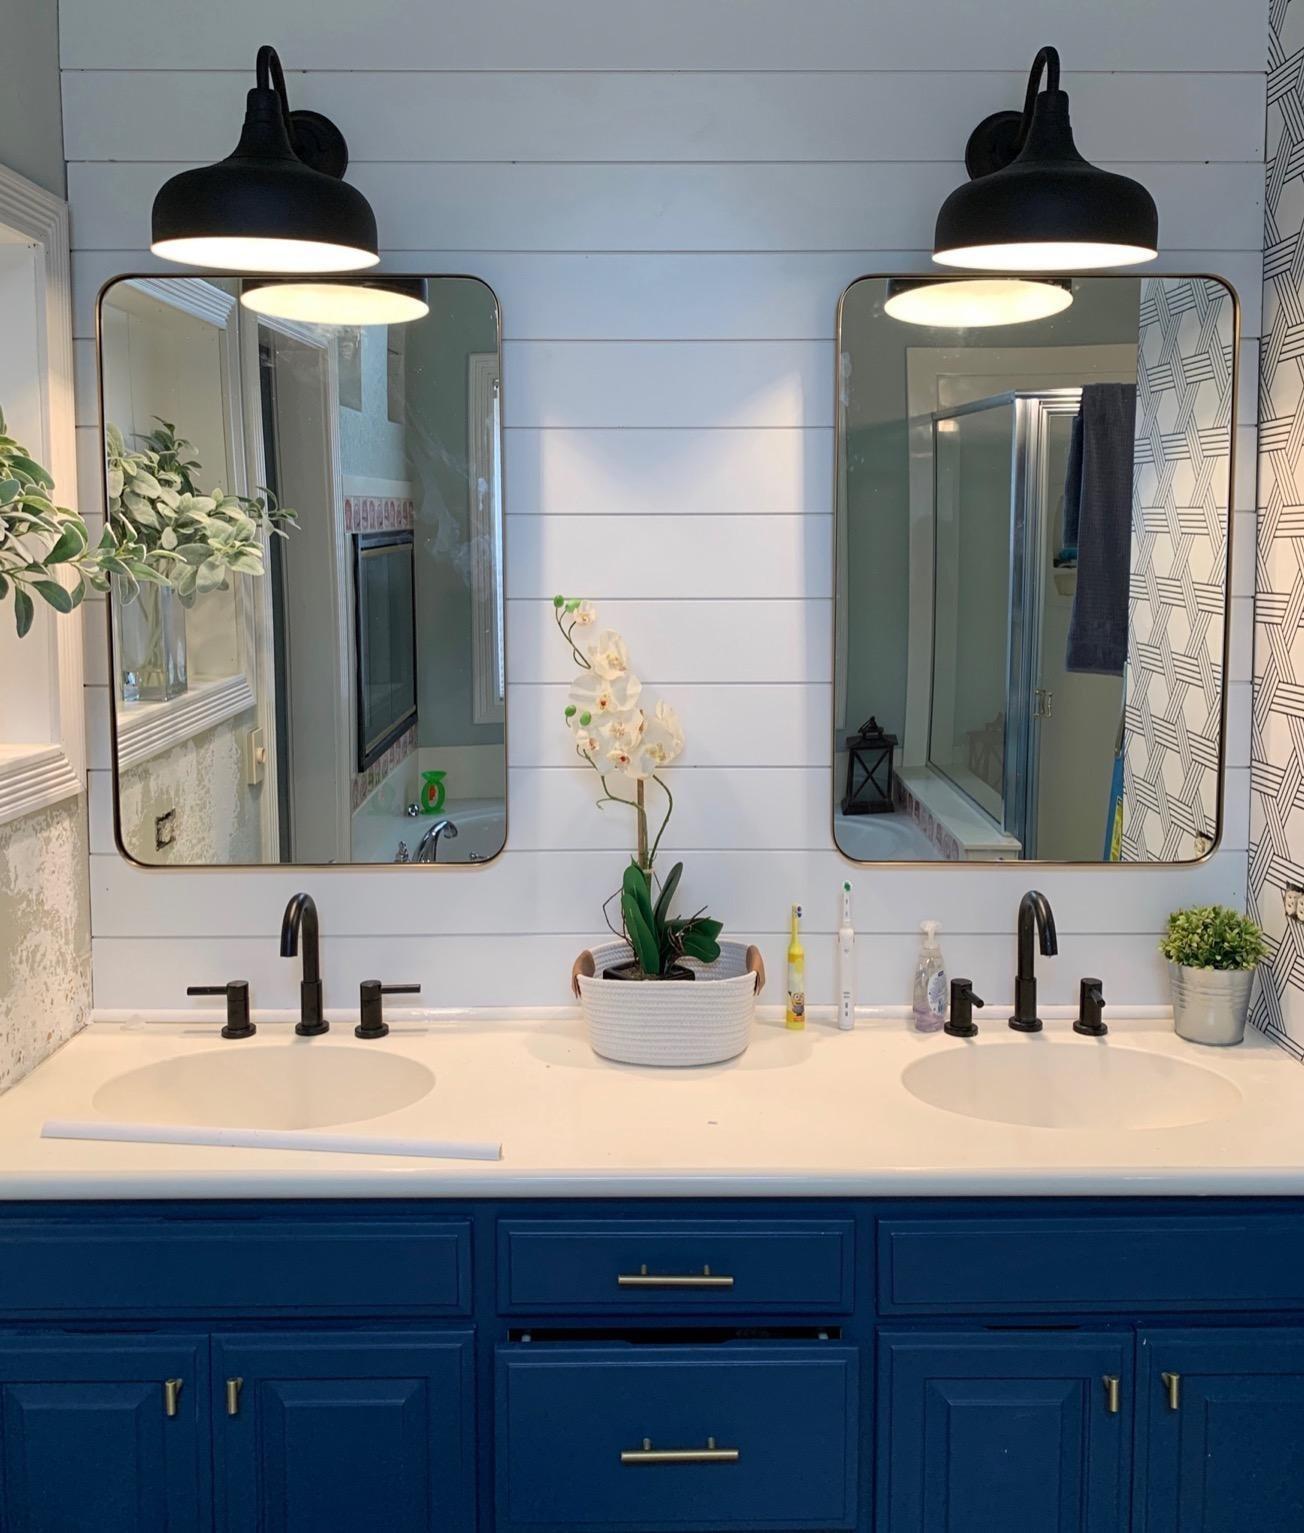 两个镜子,每一个在水槽上,在浴室里